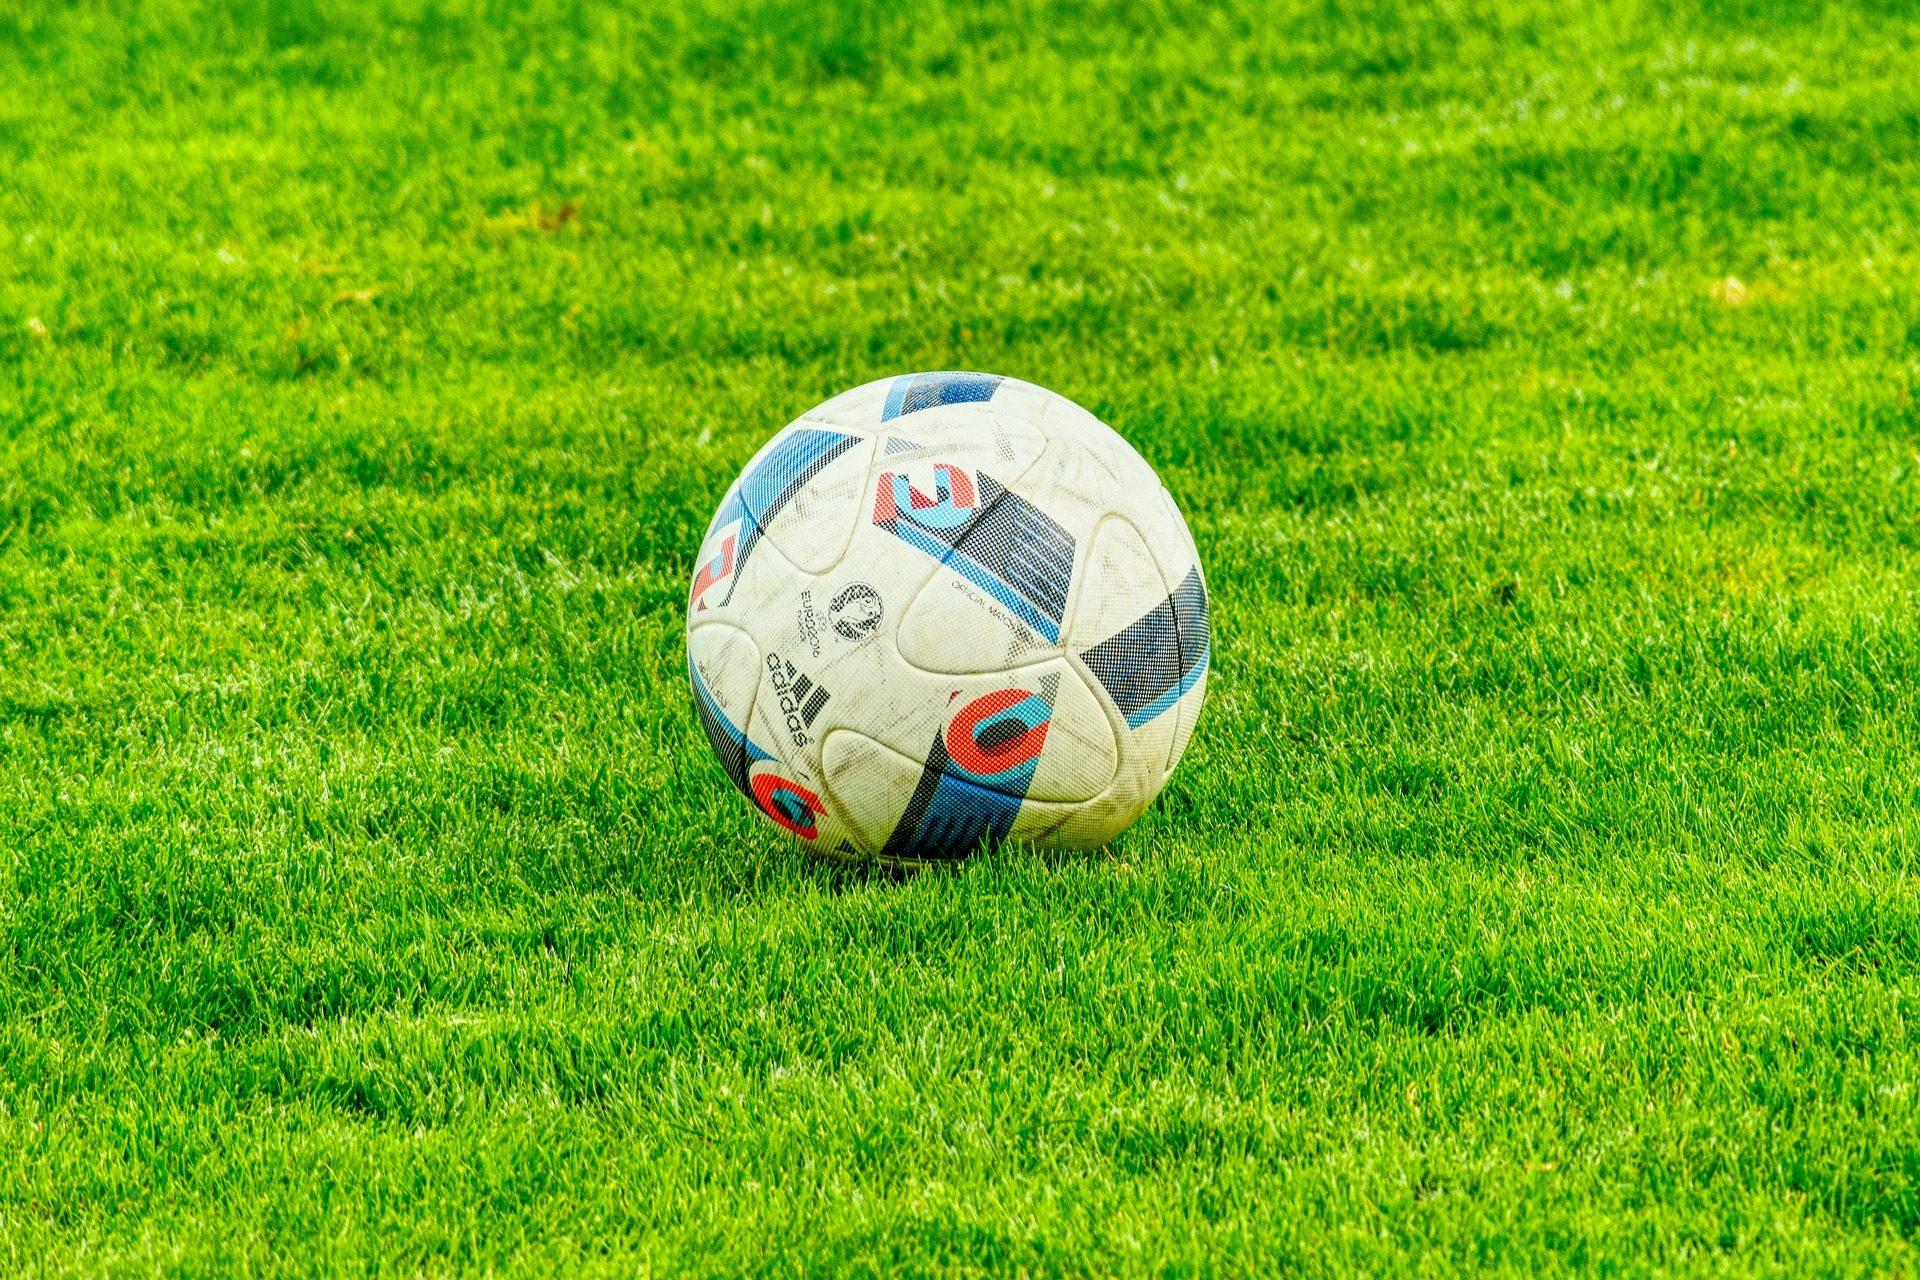 气球, 球, 足球, 字段, 草坪 - 高清壁纸 - 教授-falken.com